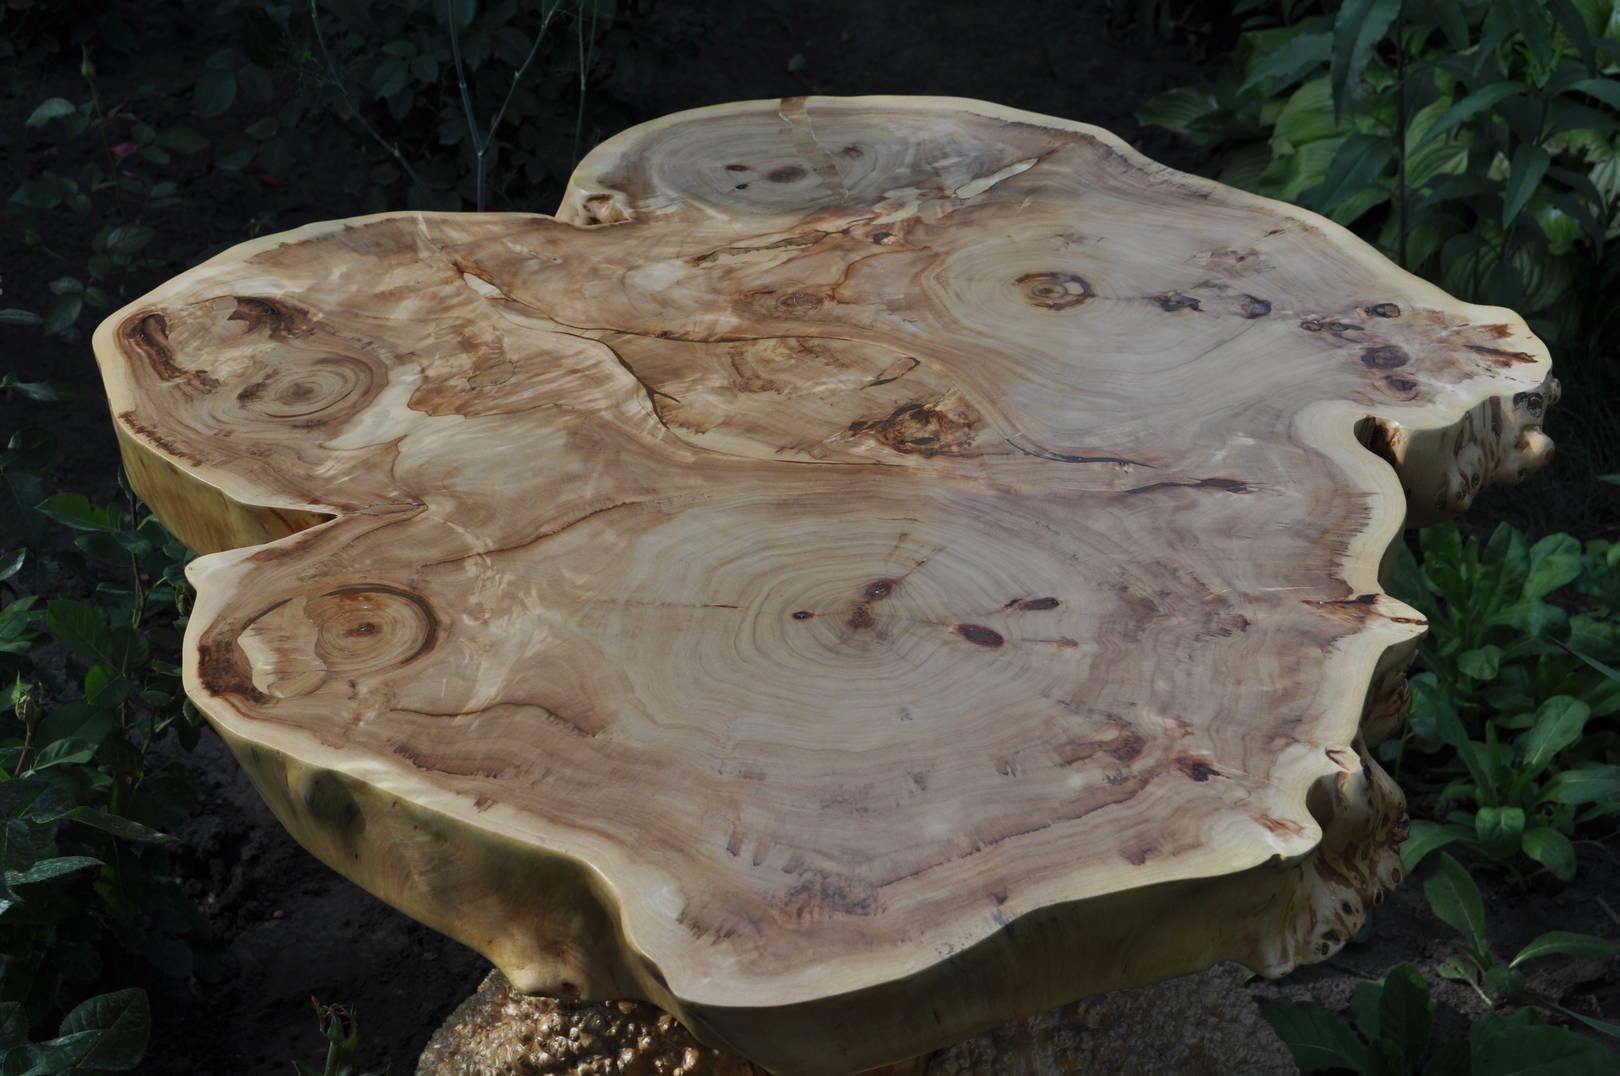 Крышка стола срез пирамидального тополя, подстолье- ясень кап. Вощение диаметр 90см. Высота 60см.